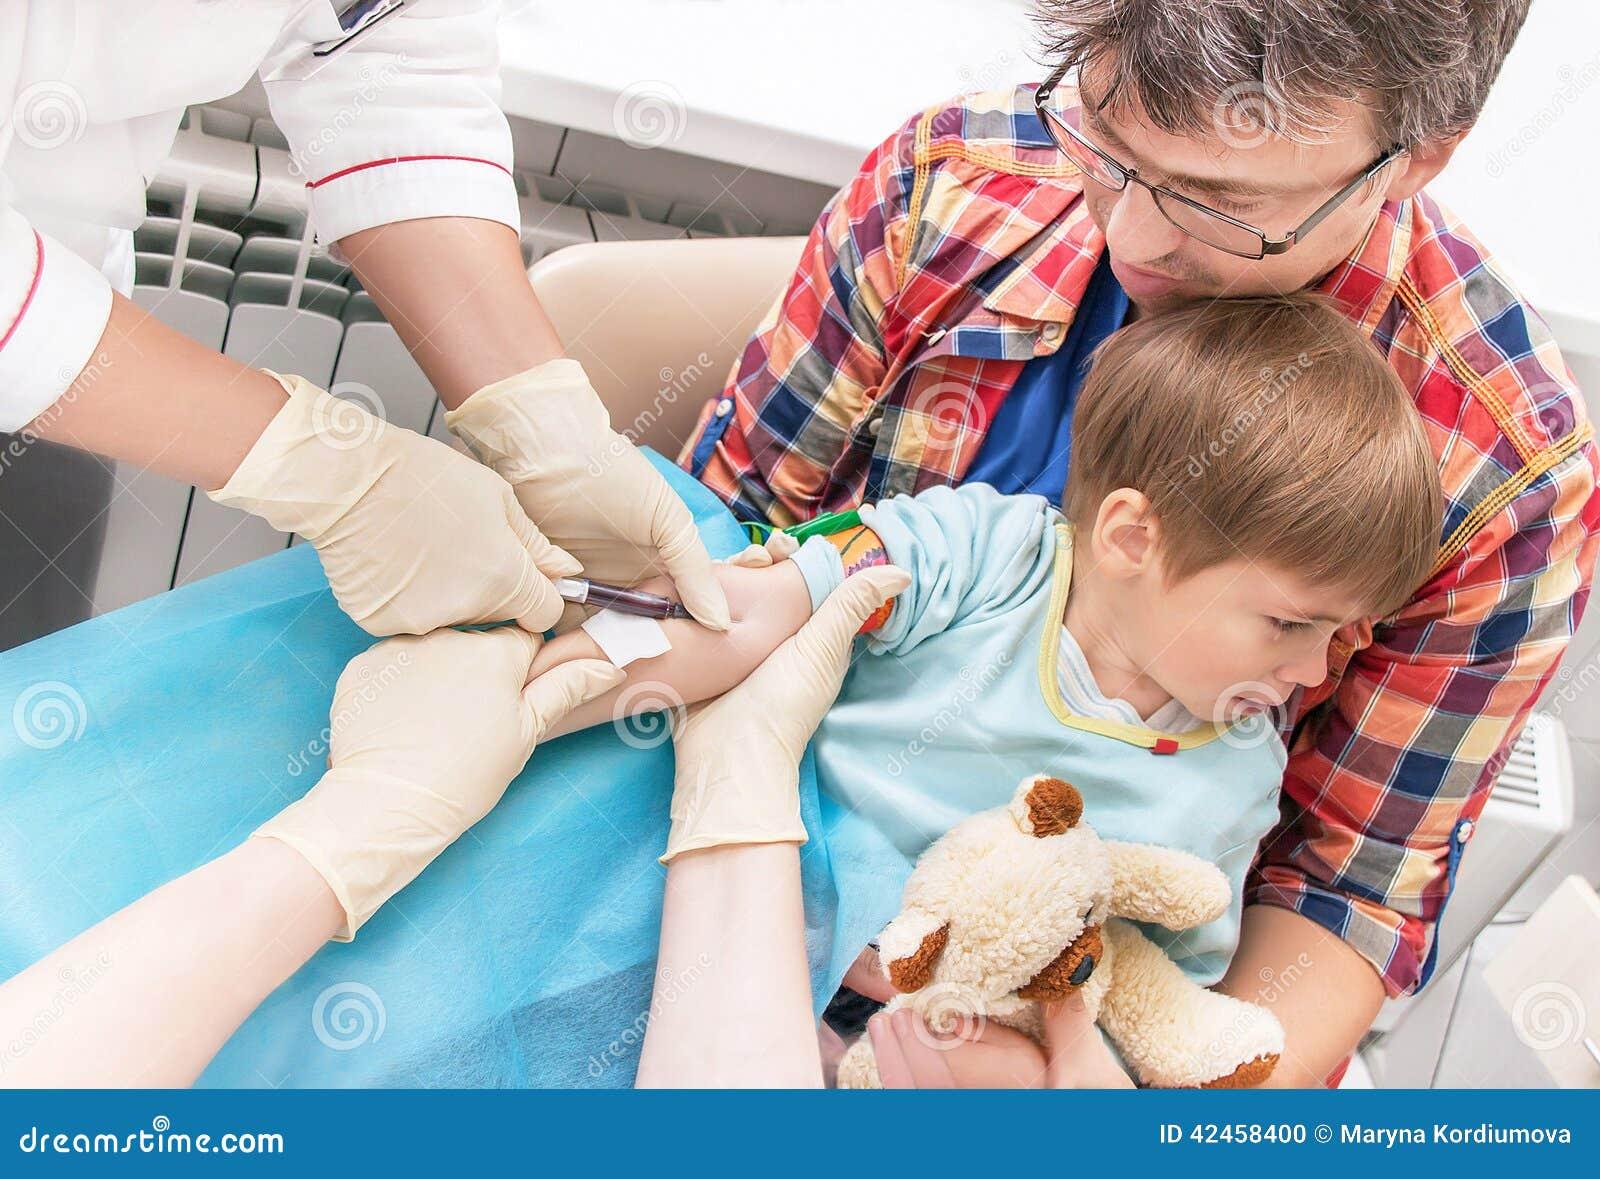 Hände von Krankenschwestern sammelt ein Blut von einer Ader vom Kind